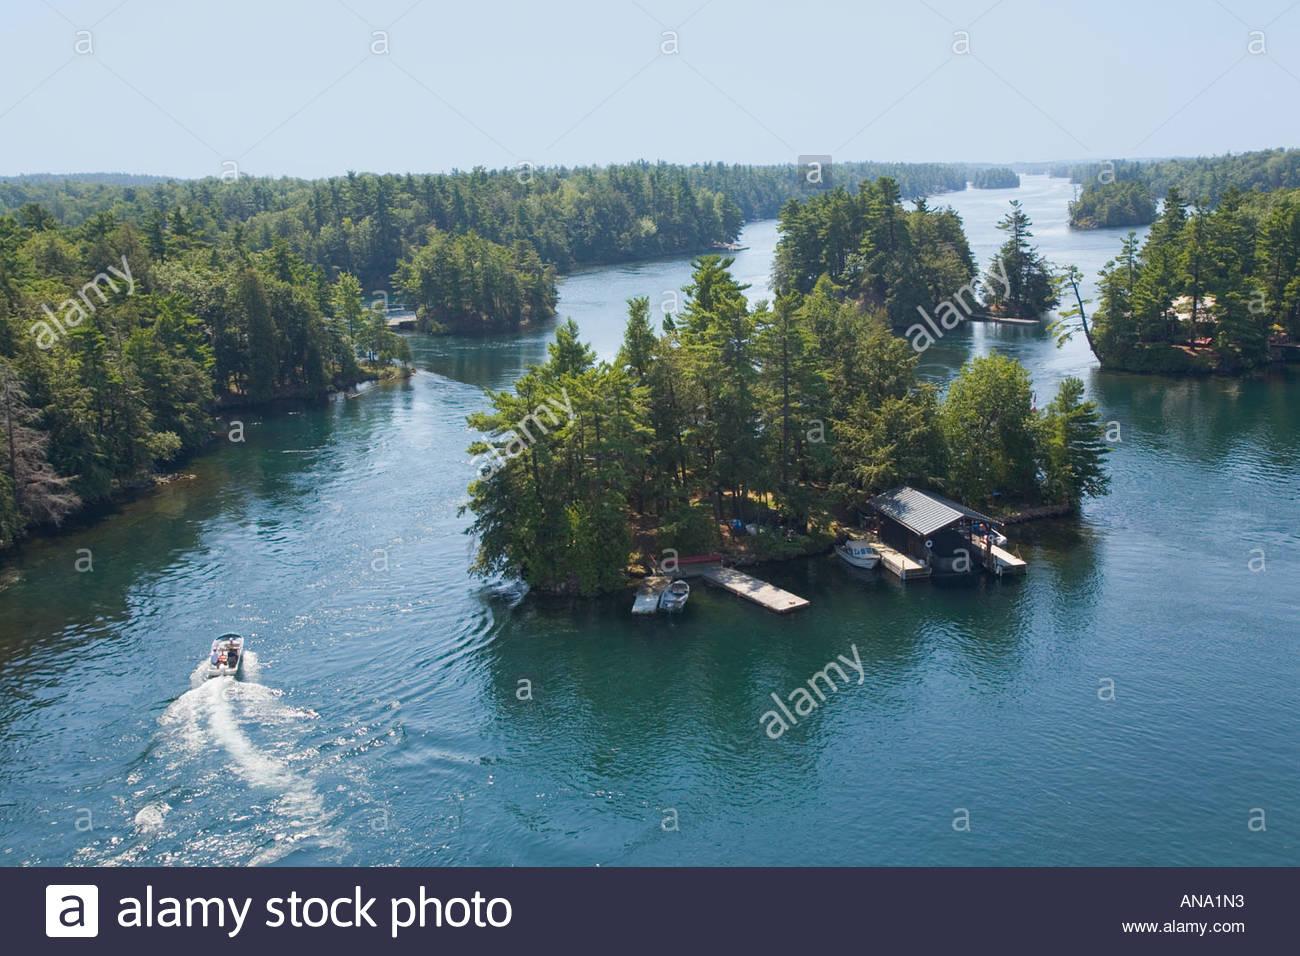 pleasure-craft-in-the-1000-islands-area-